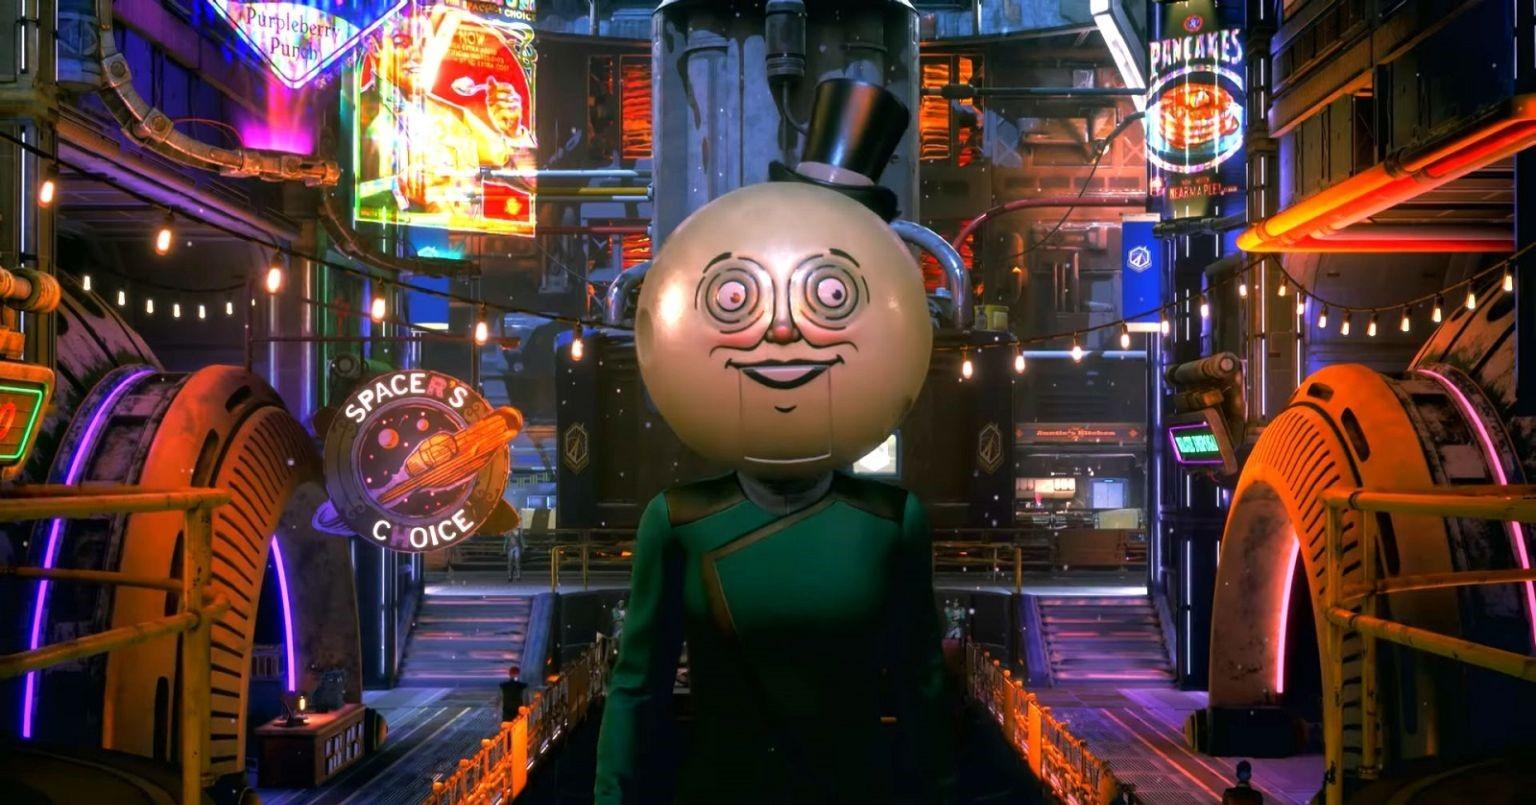 Новая распродажа в магазине GOG. Участвуют игры S.T.A.L.K.E.R., Outlast, The Outer Worlds и многие другие